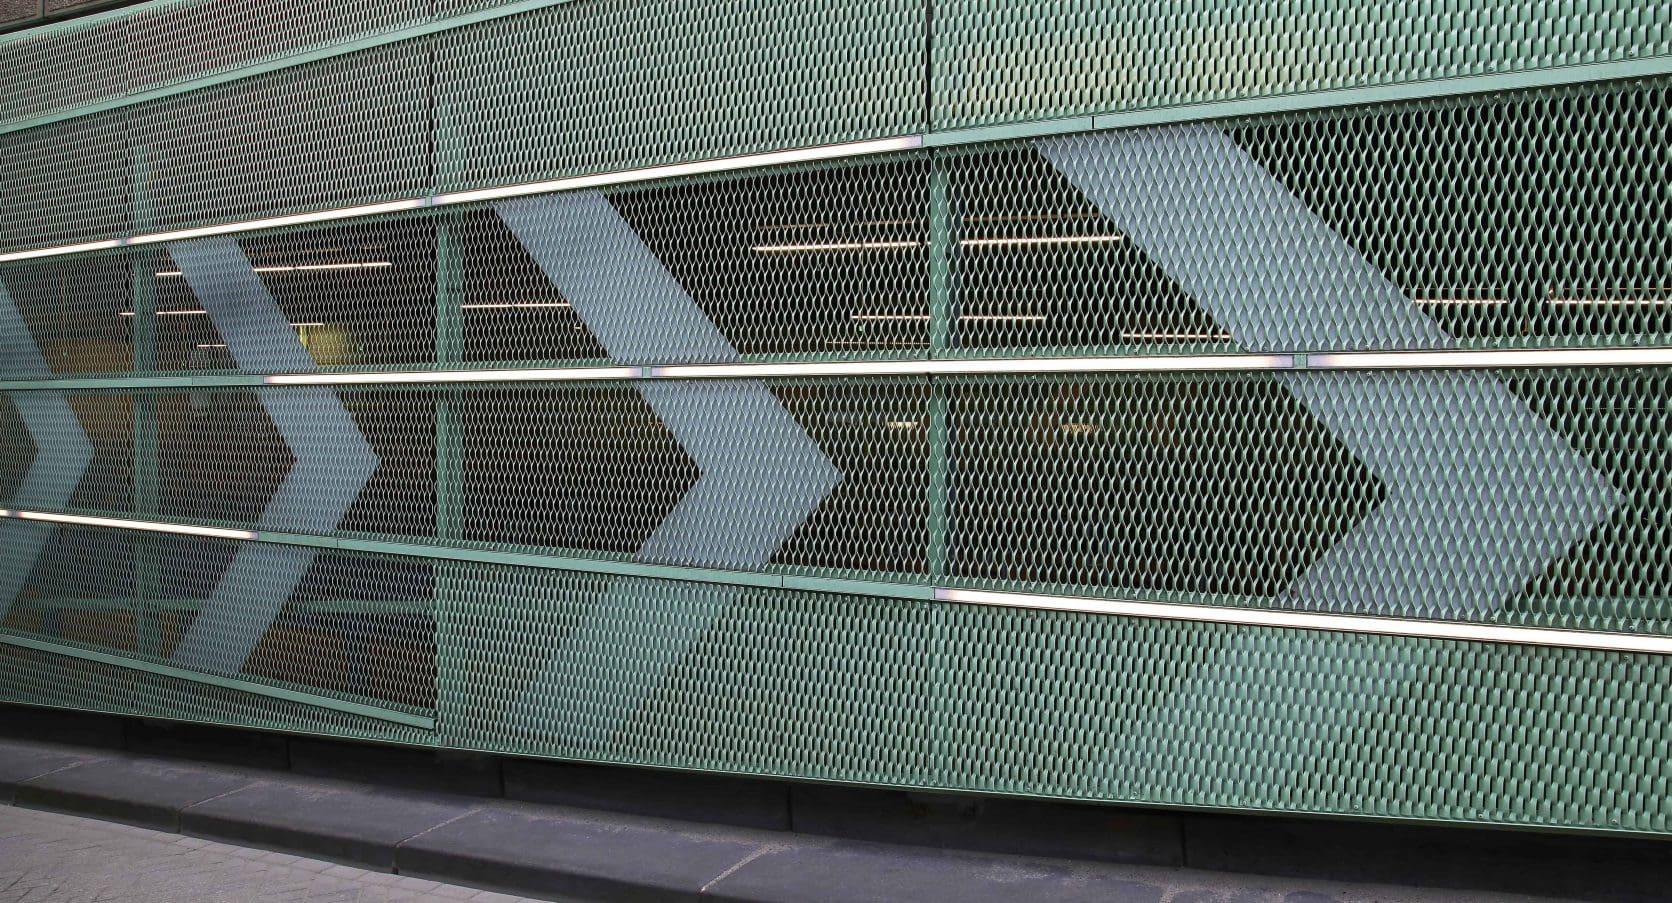 Fietsenstalling Station in Den Haag voorzien van MD strekmetaal gevelbekleding